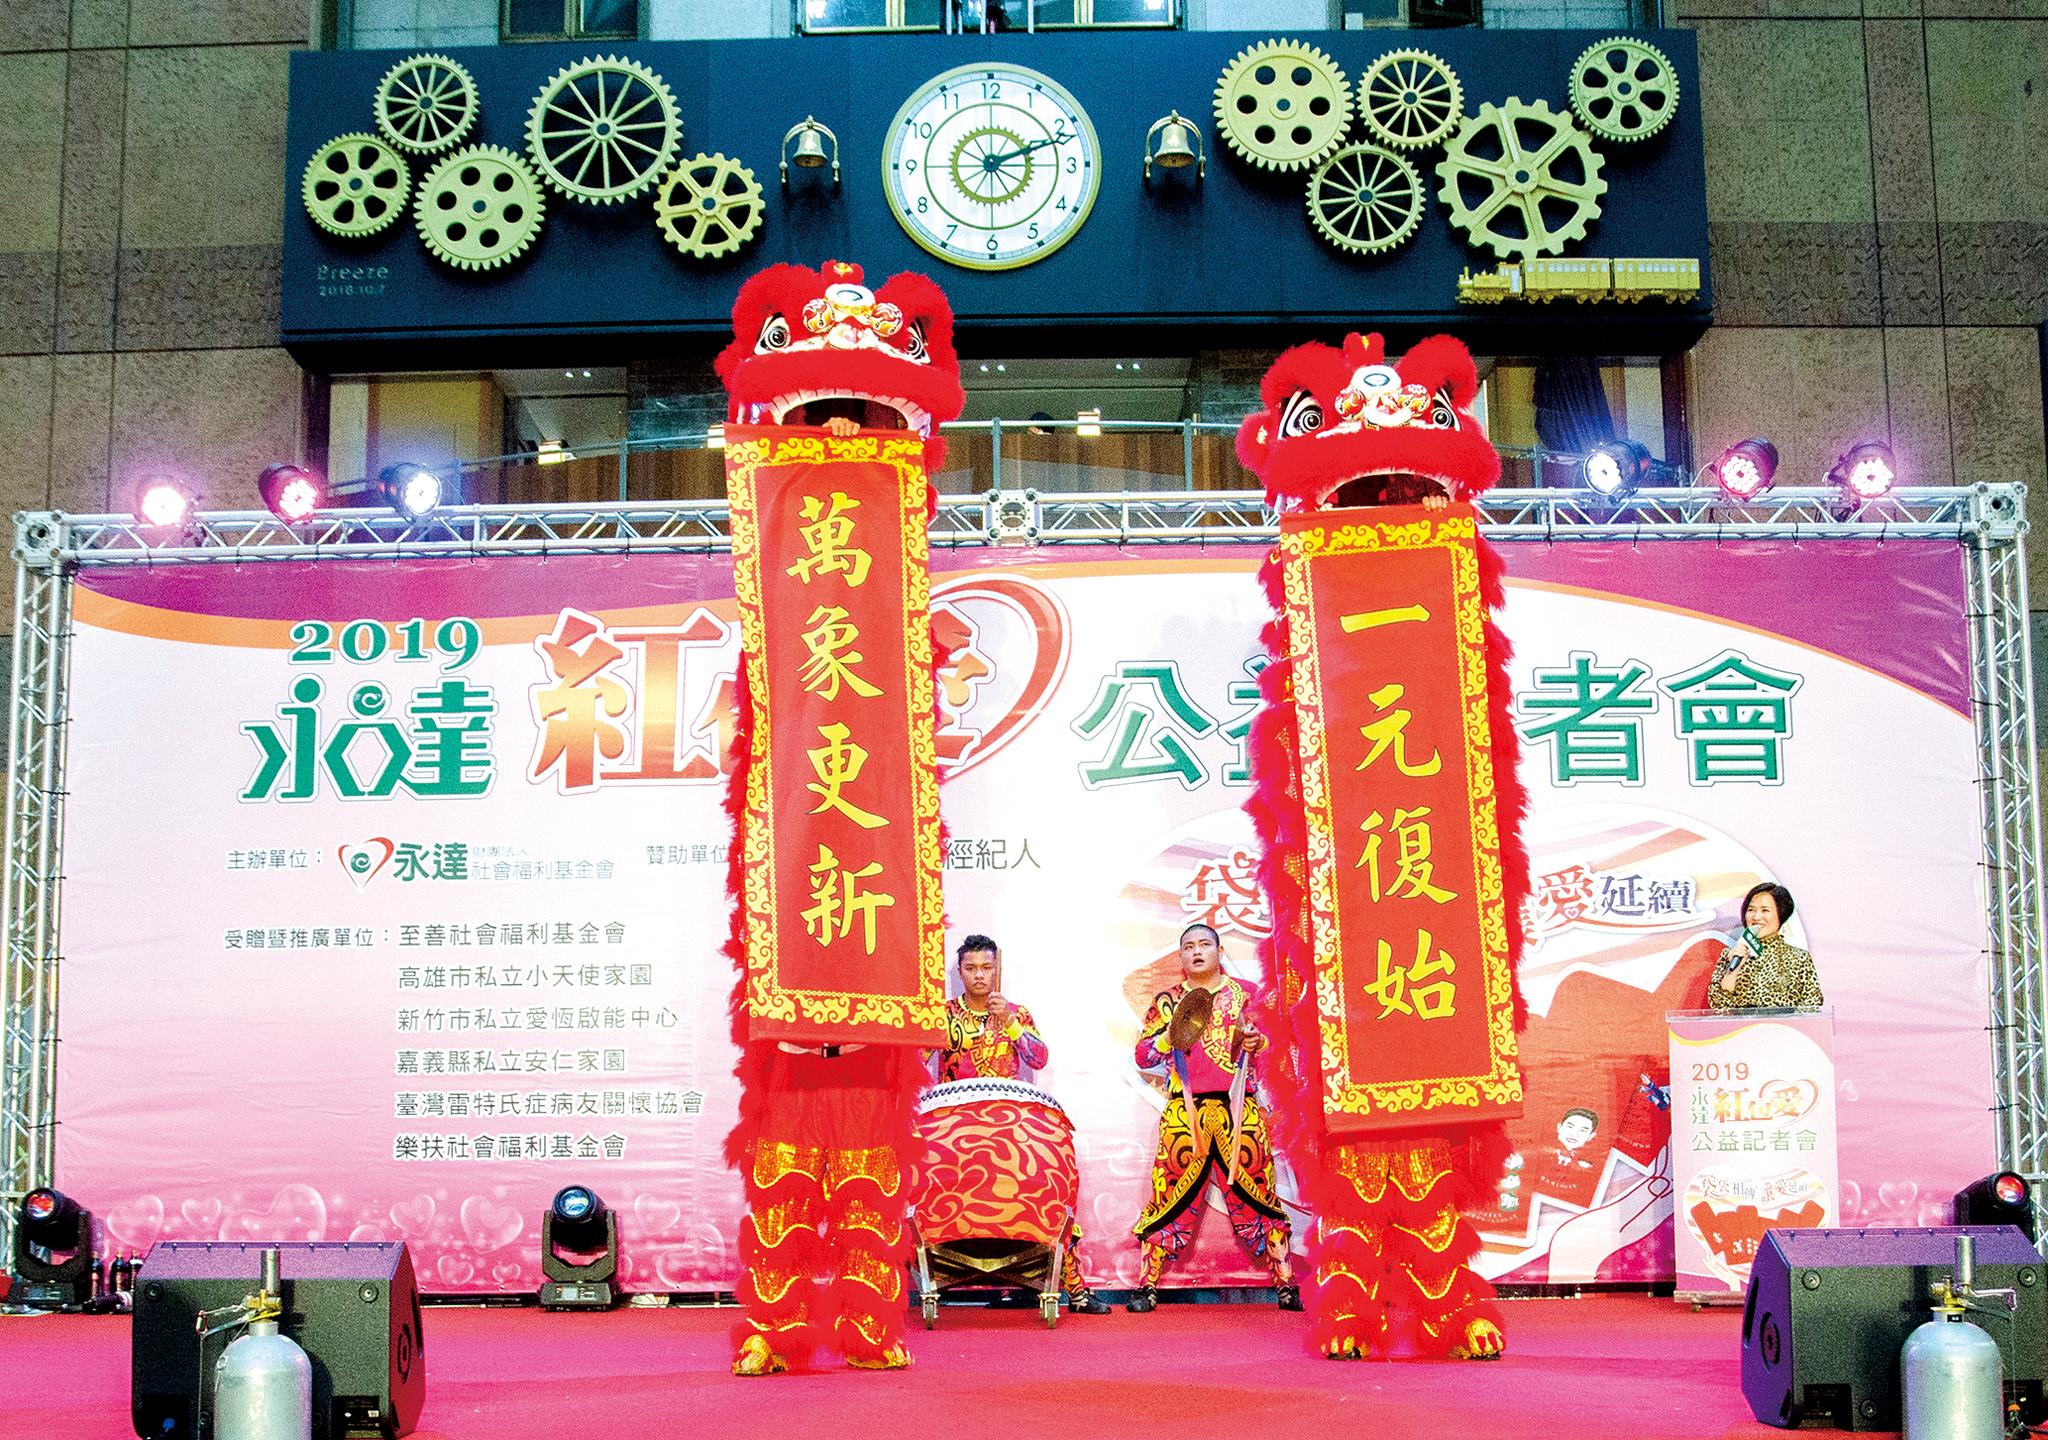 榮獲世界獅王冠軍的長興醒獅團帶來精彩的開場表演。